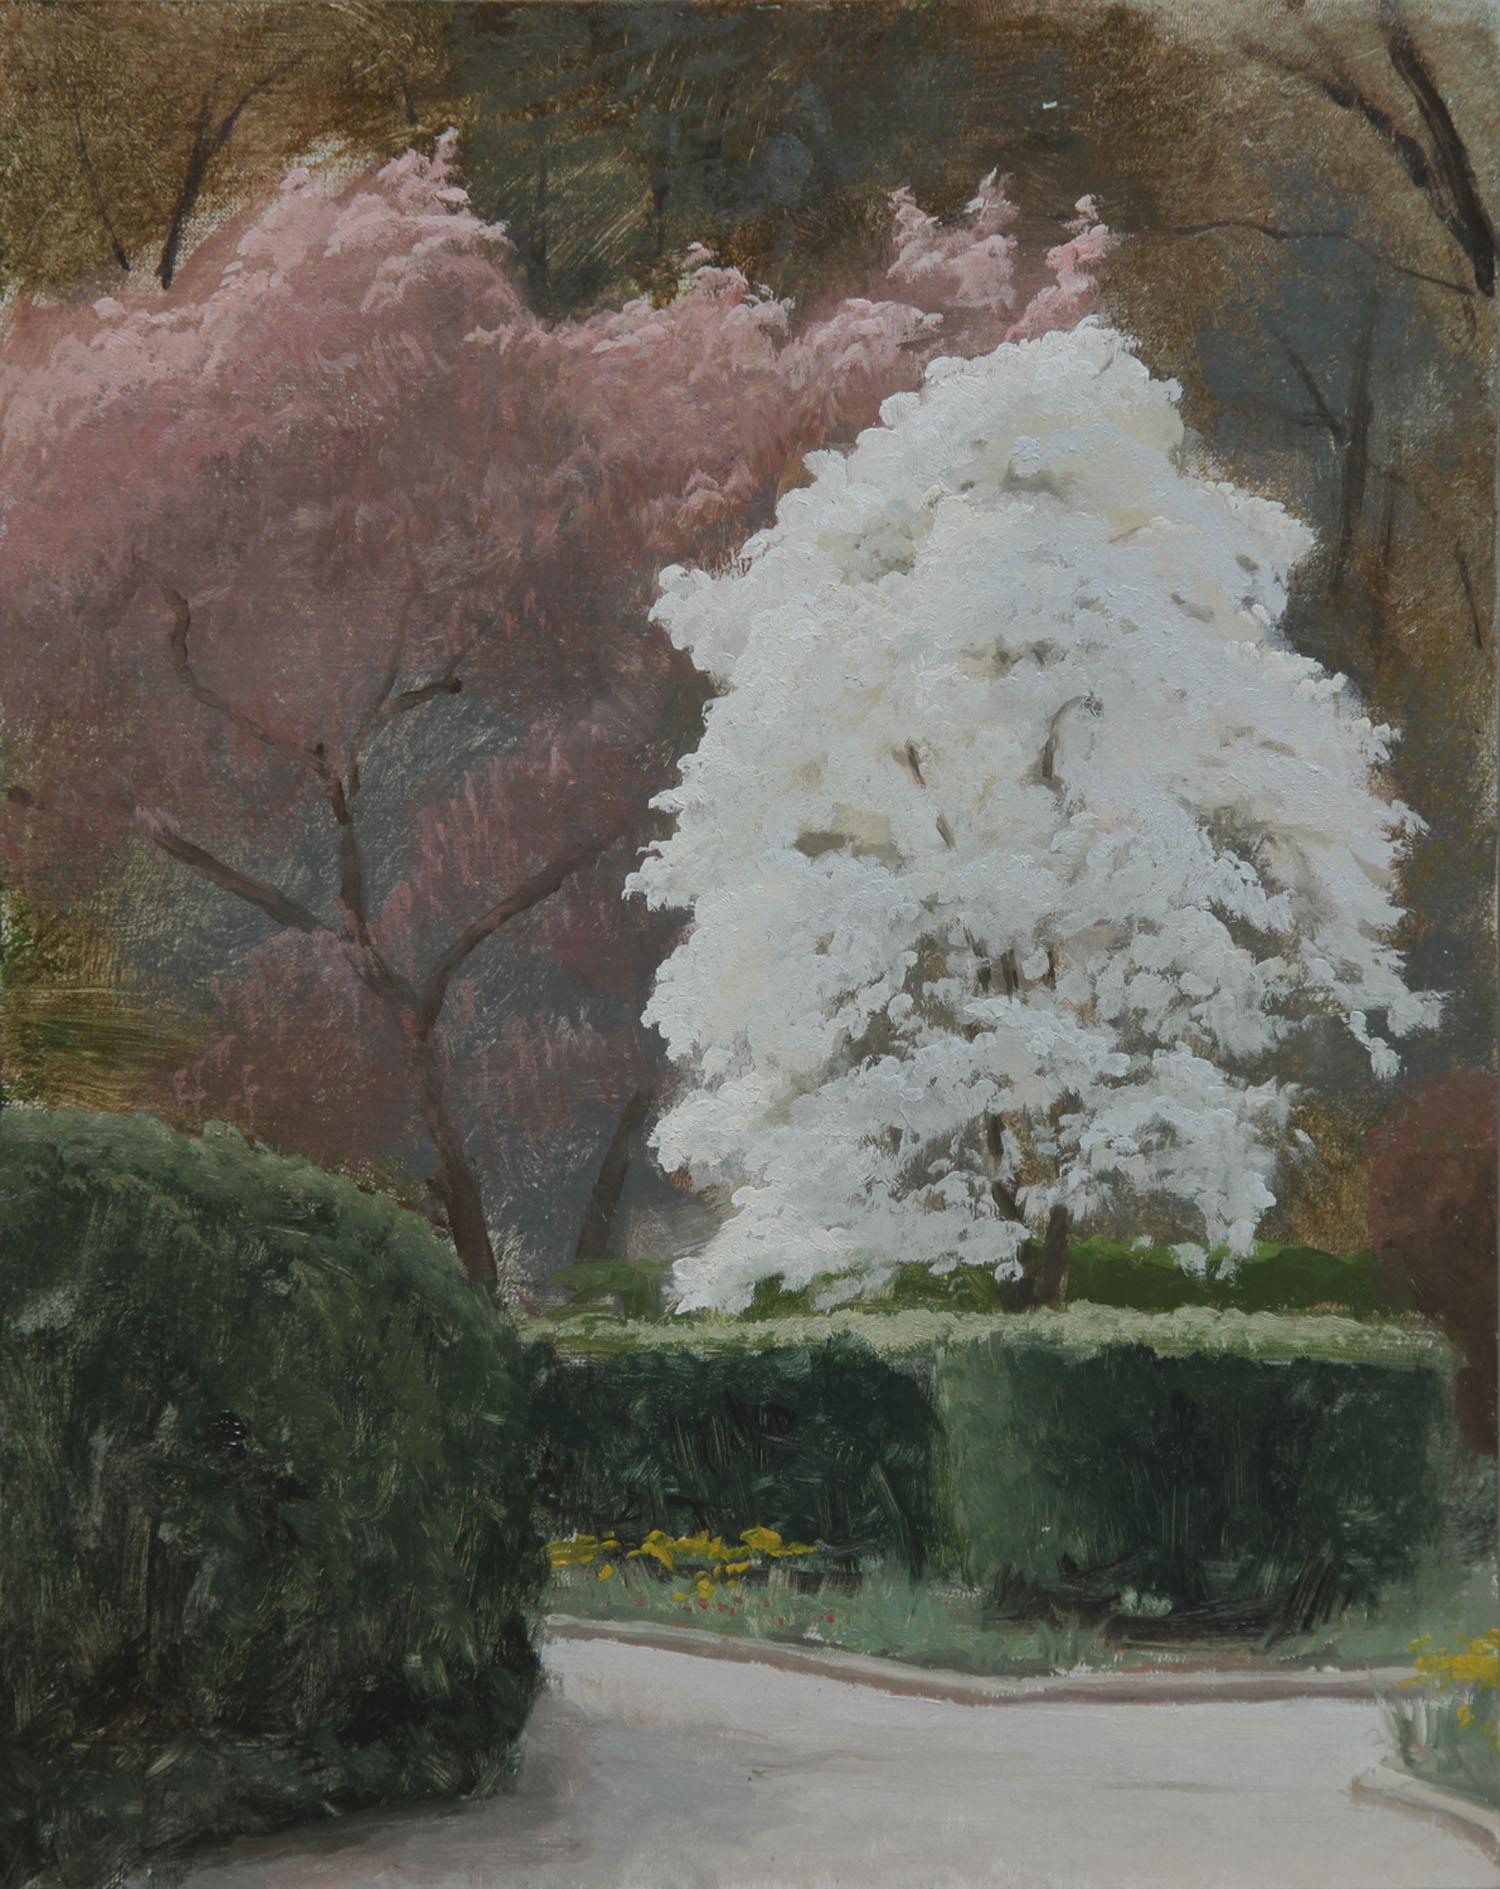 magnolias_in_bloom.jpg